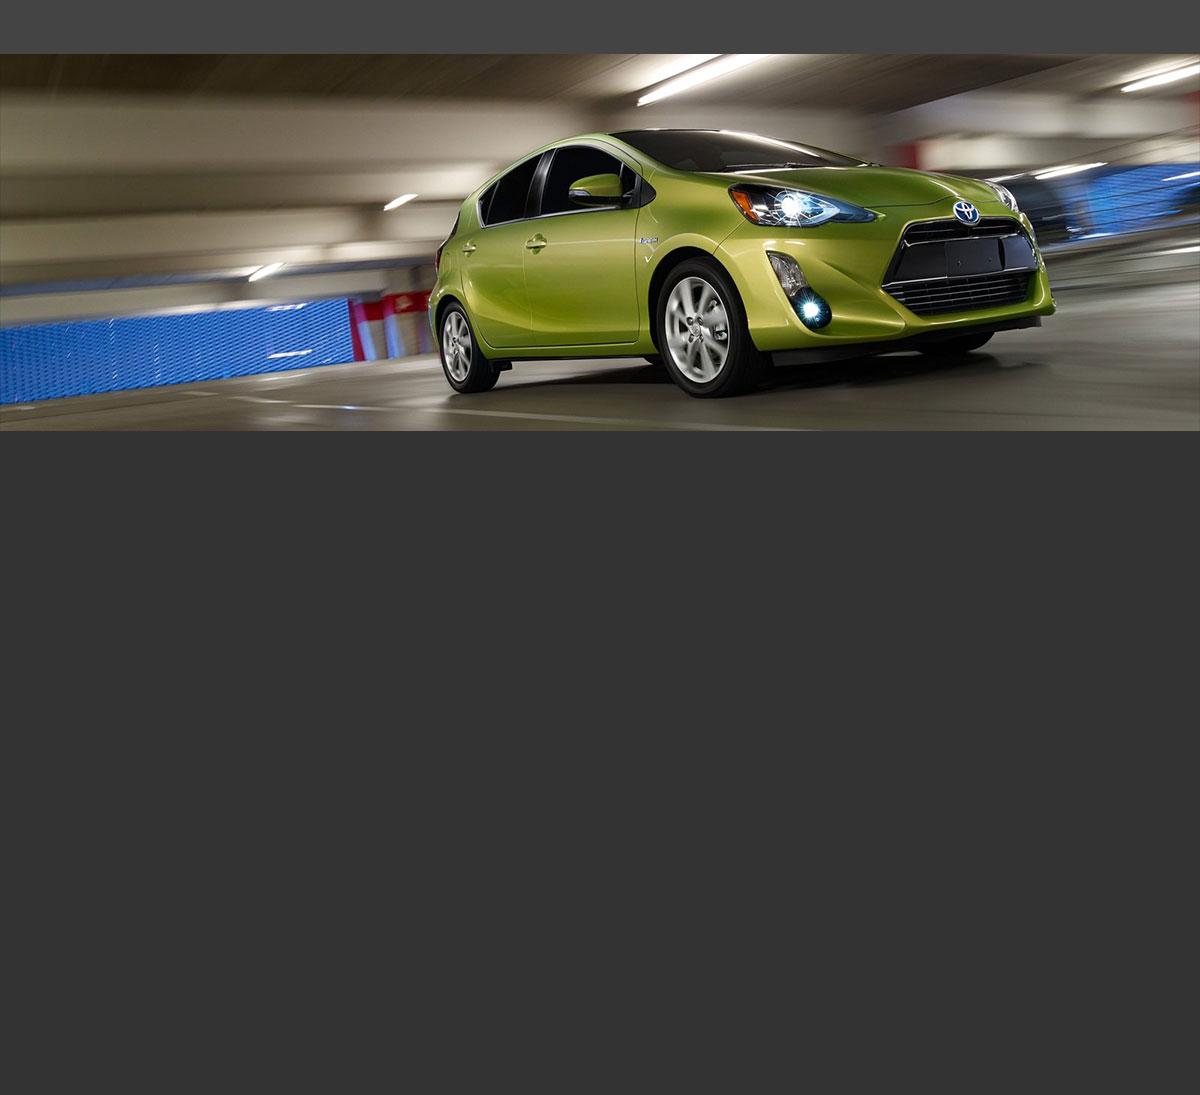 https://post.carsforsale.com/dealerimagefiles/custom/145165/ss/4.jpg